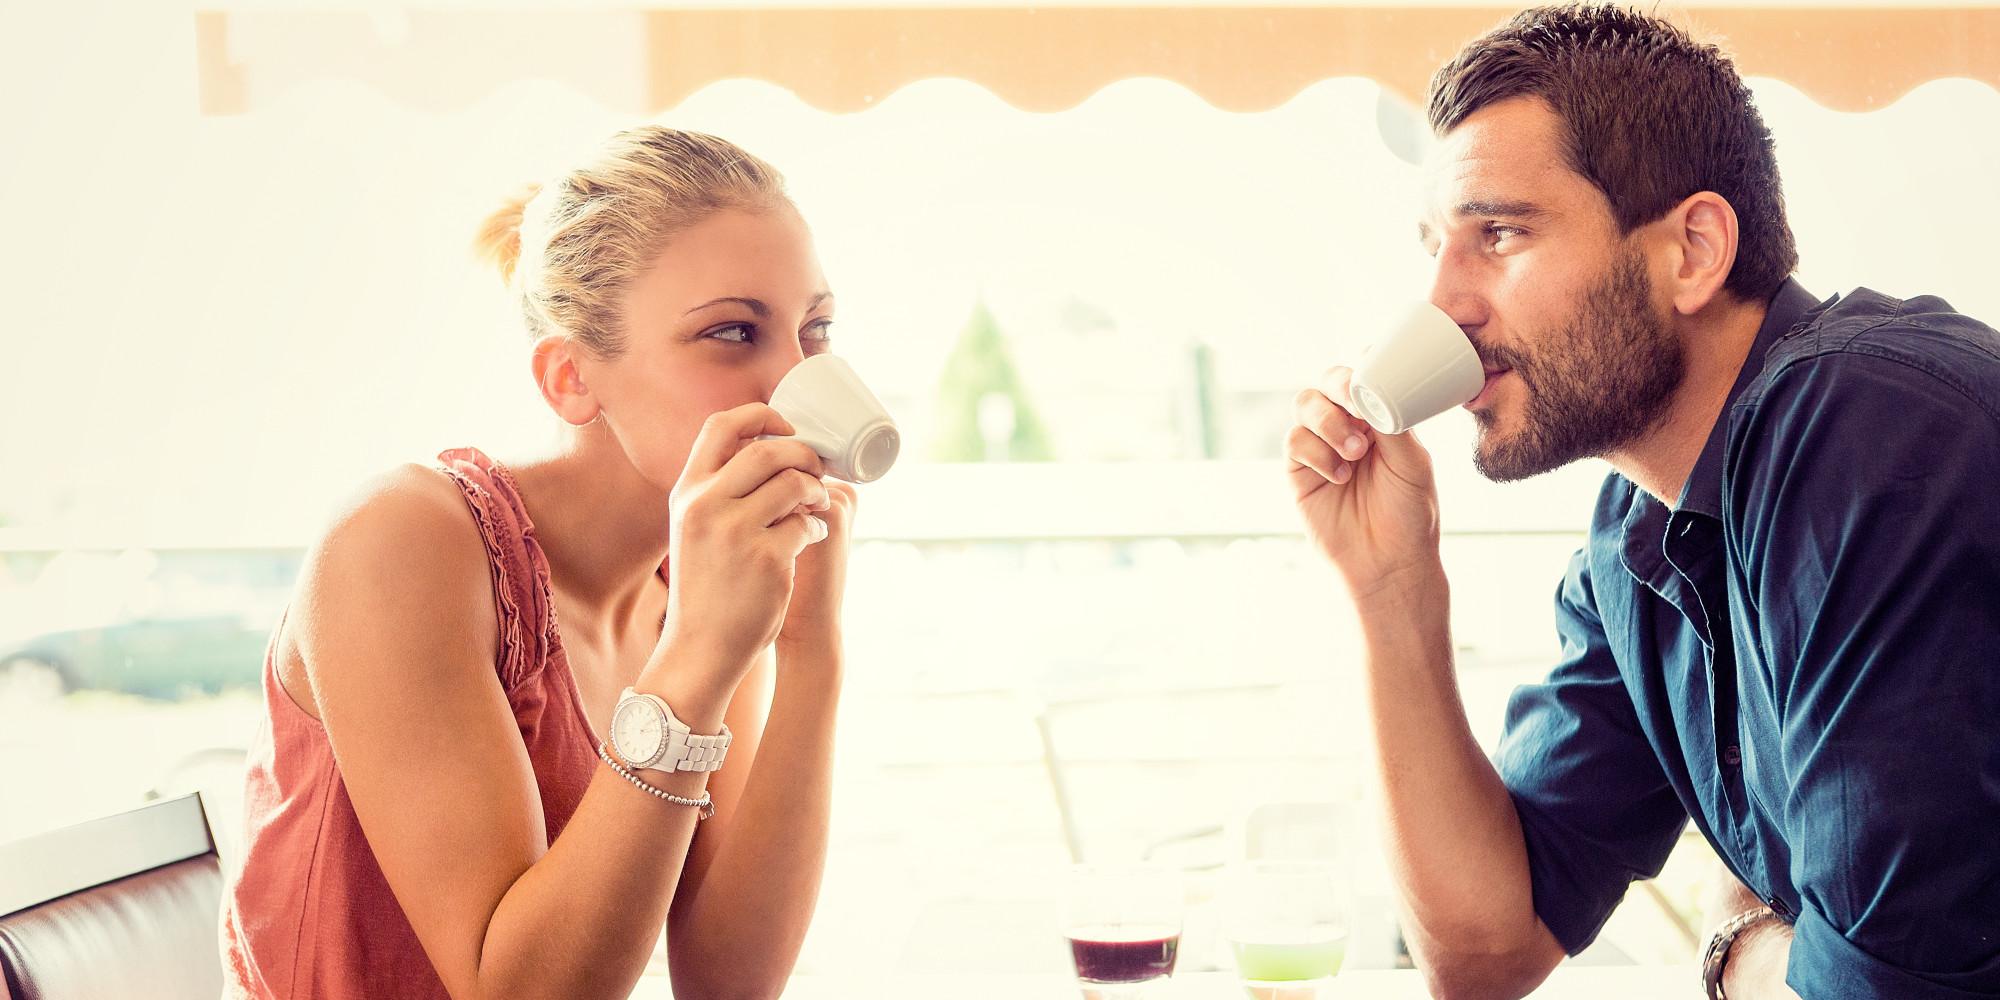 Wat je nooit moet zeggen op een eerste date